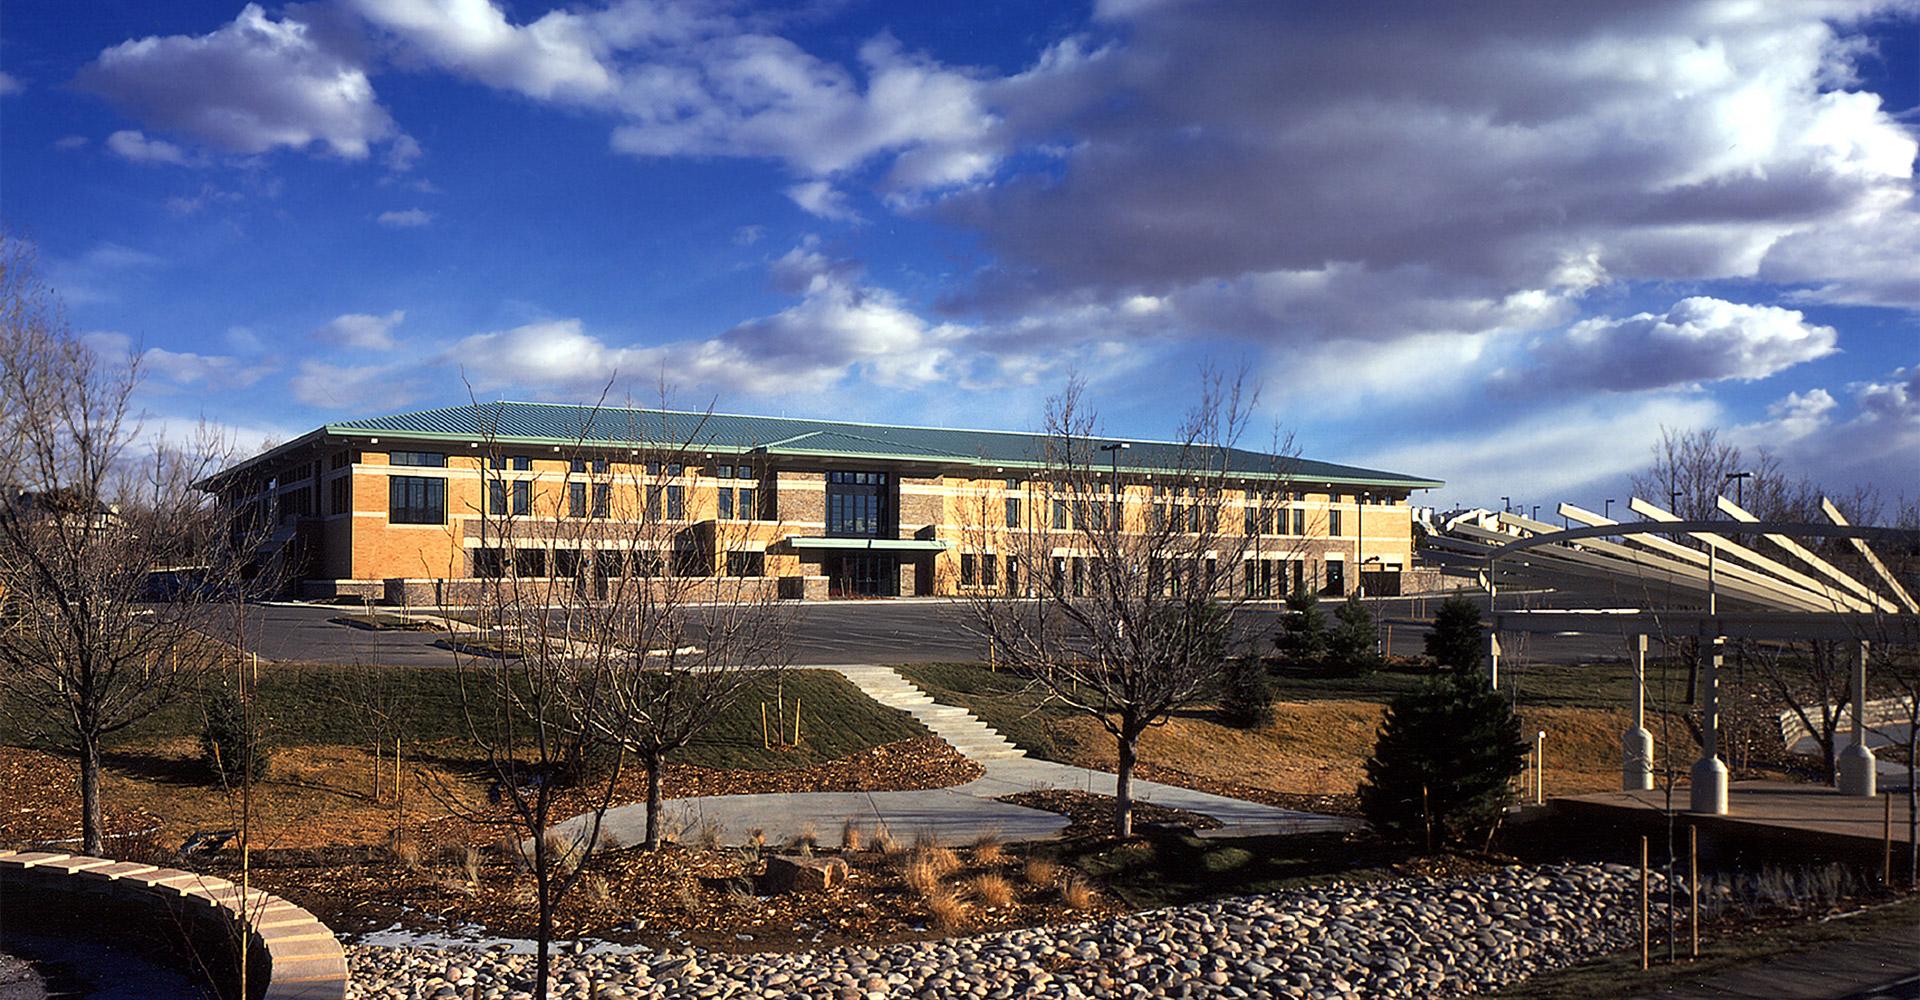 Exterior of Denver ADT call center.